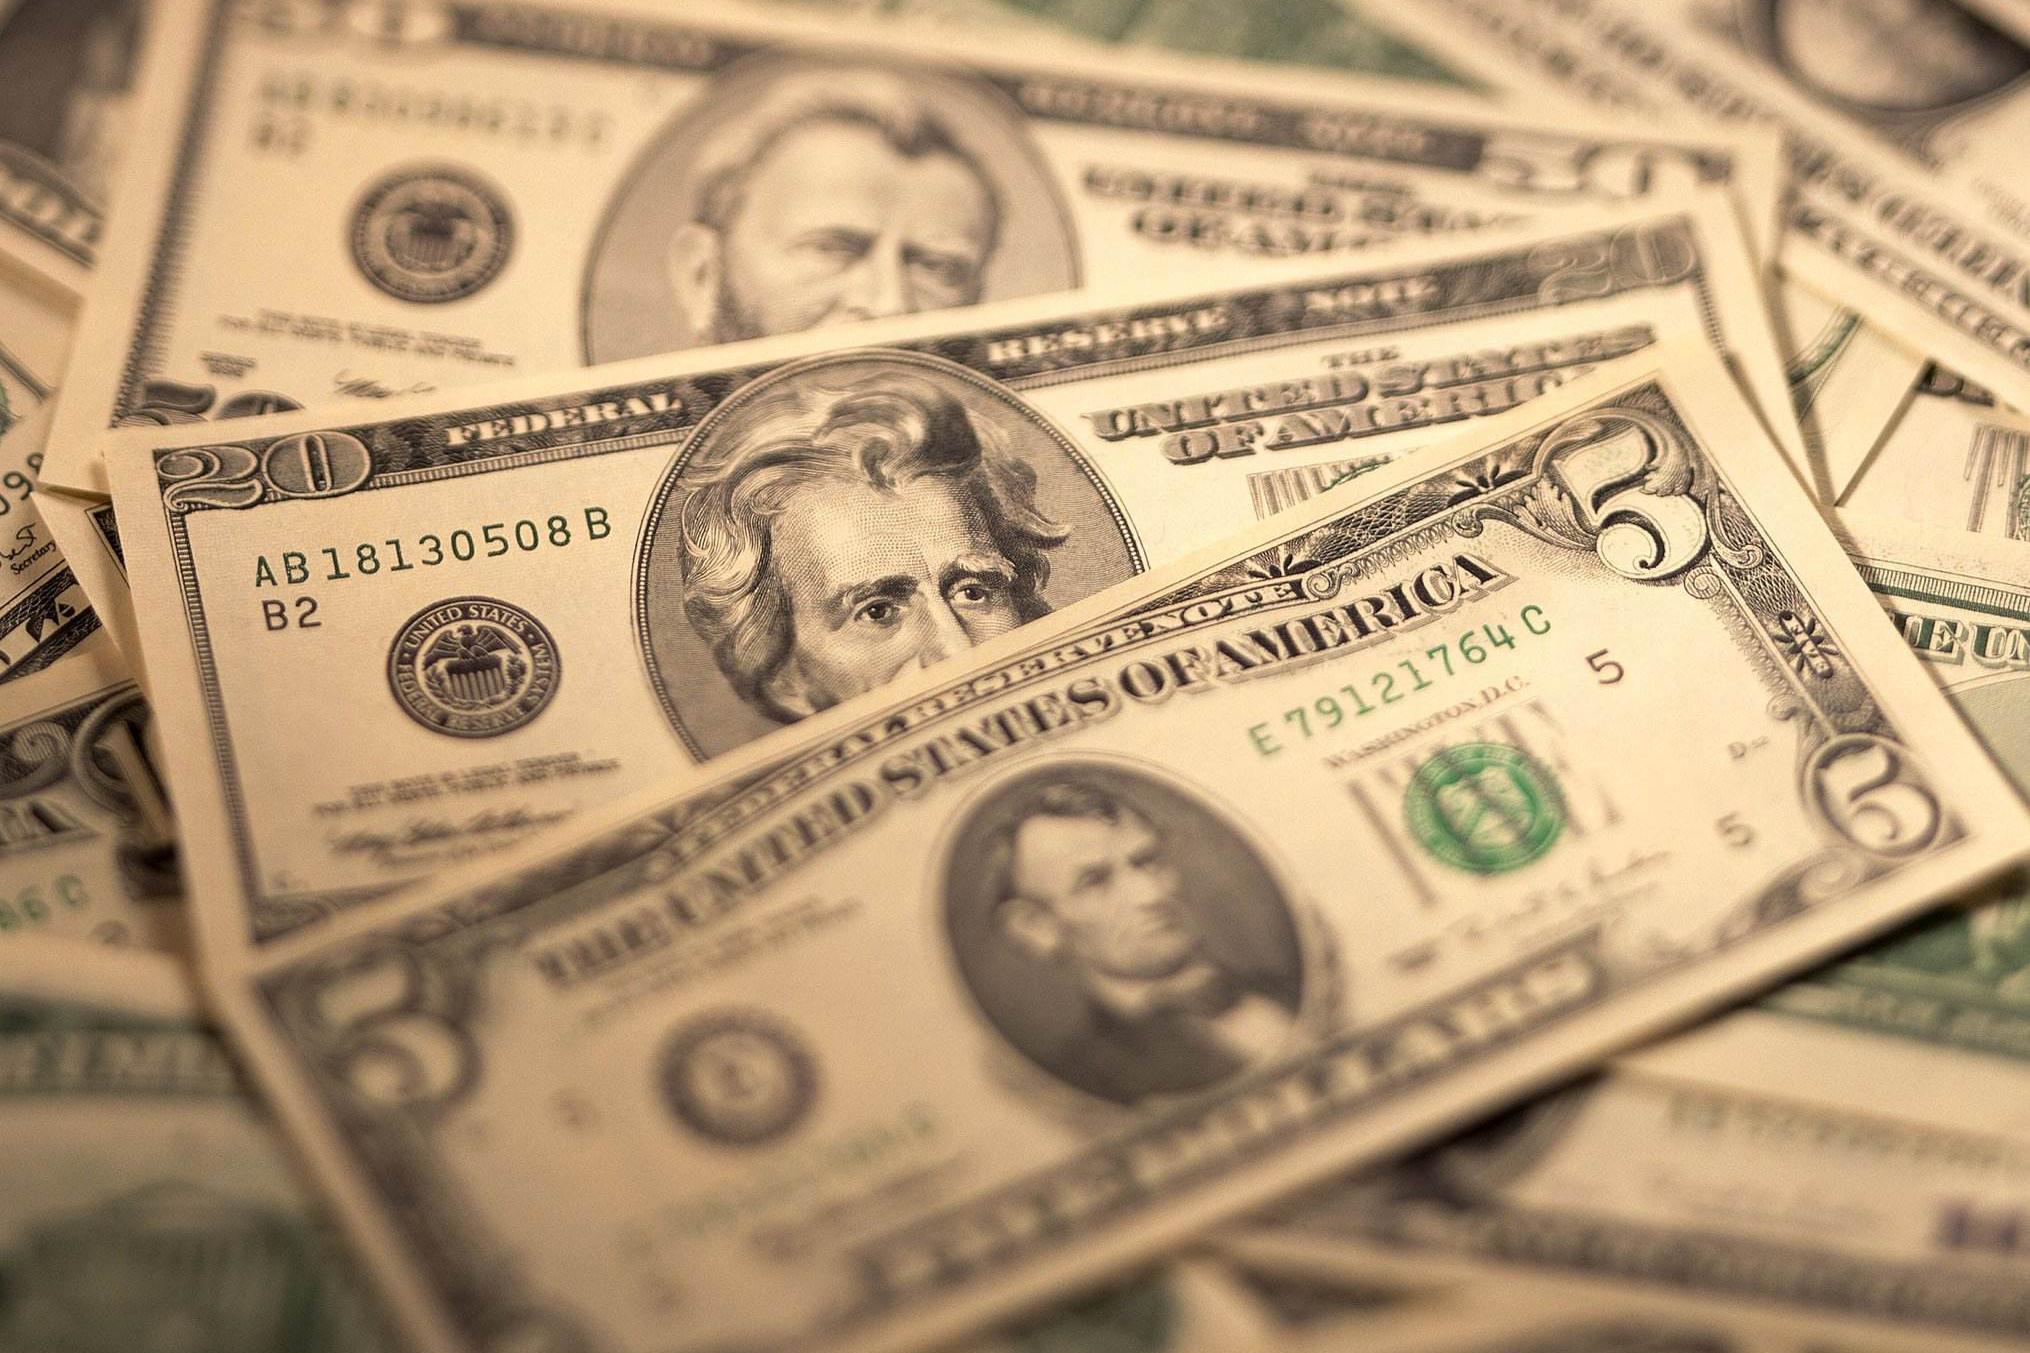 日本、中国持有的美债都超过1万亿美元,那第三名持有多少呢?